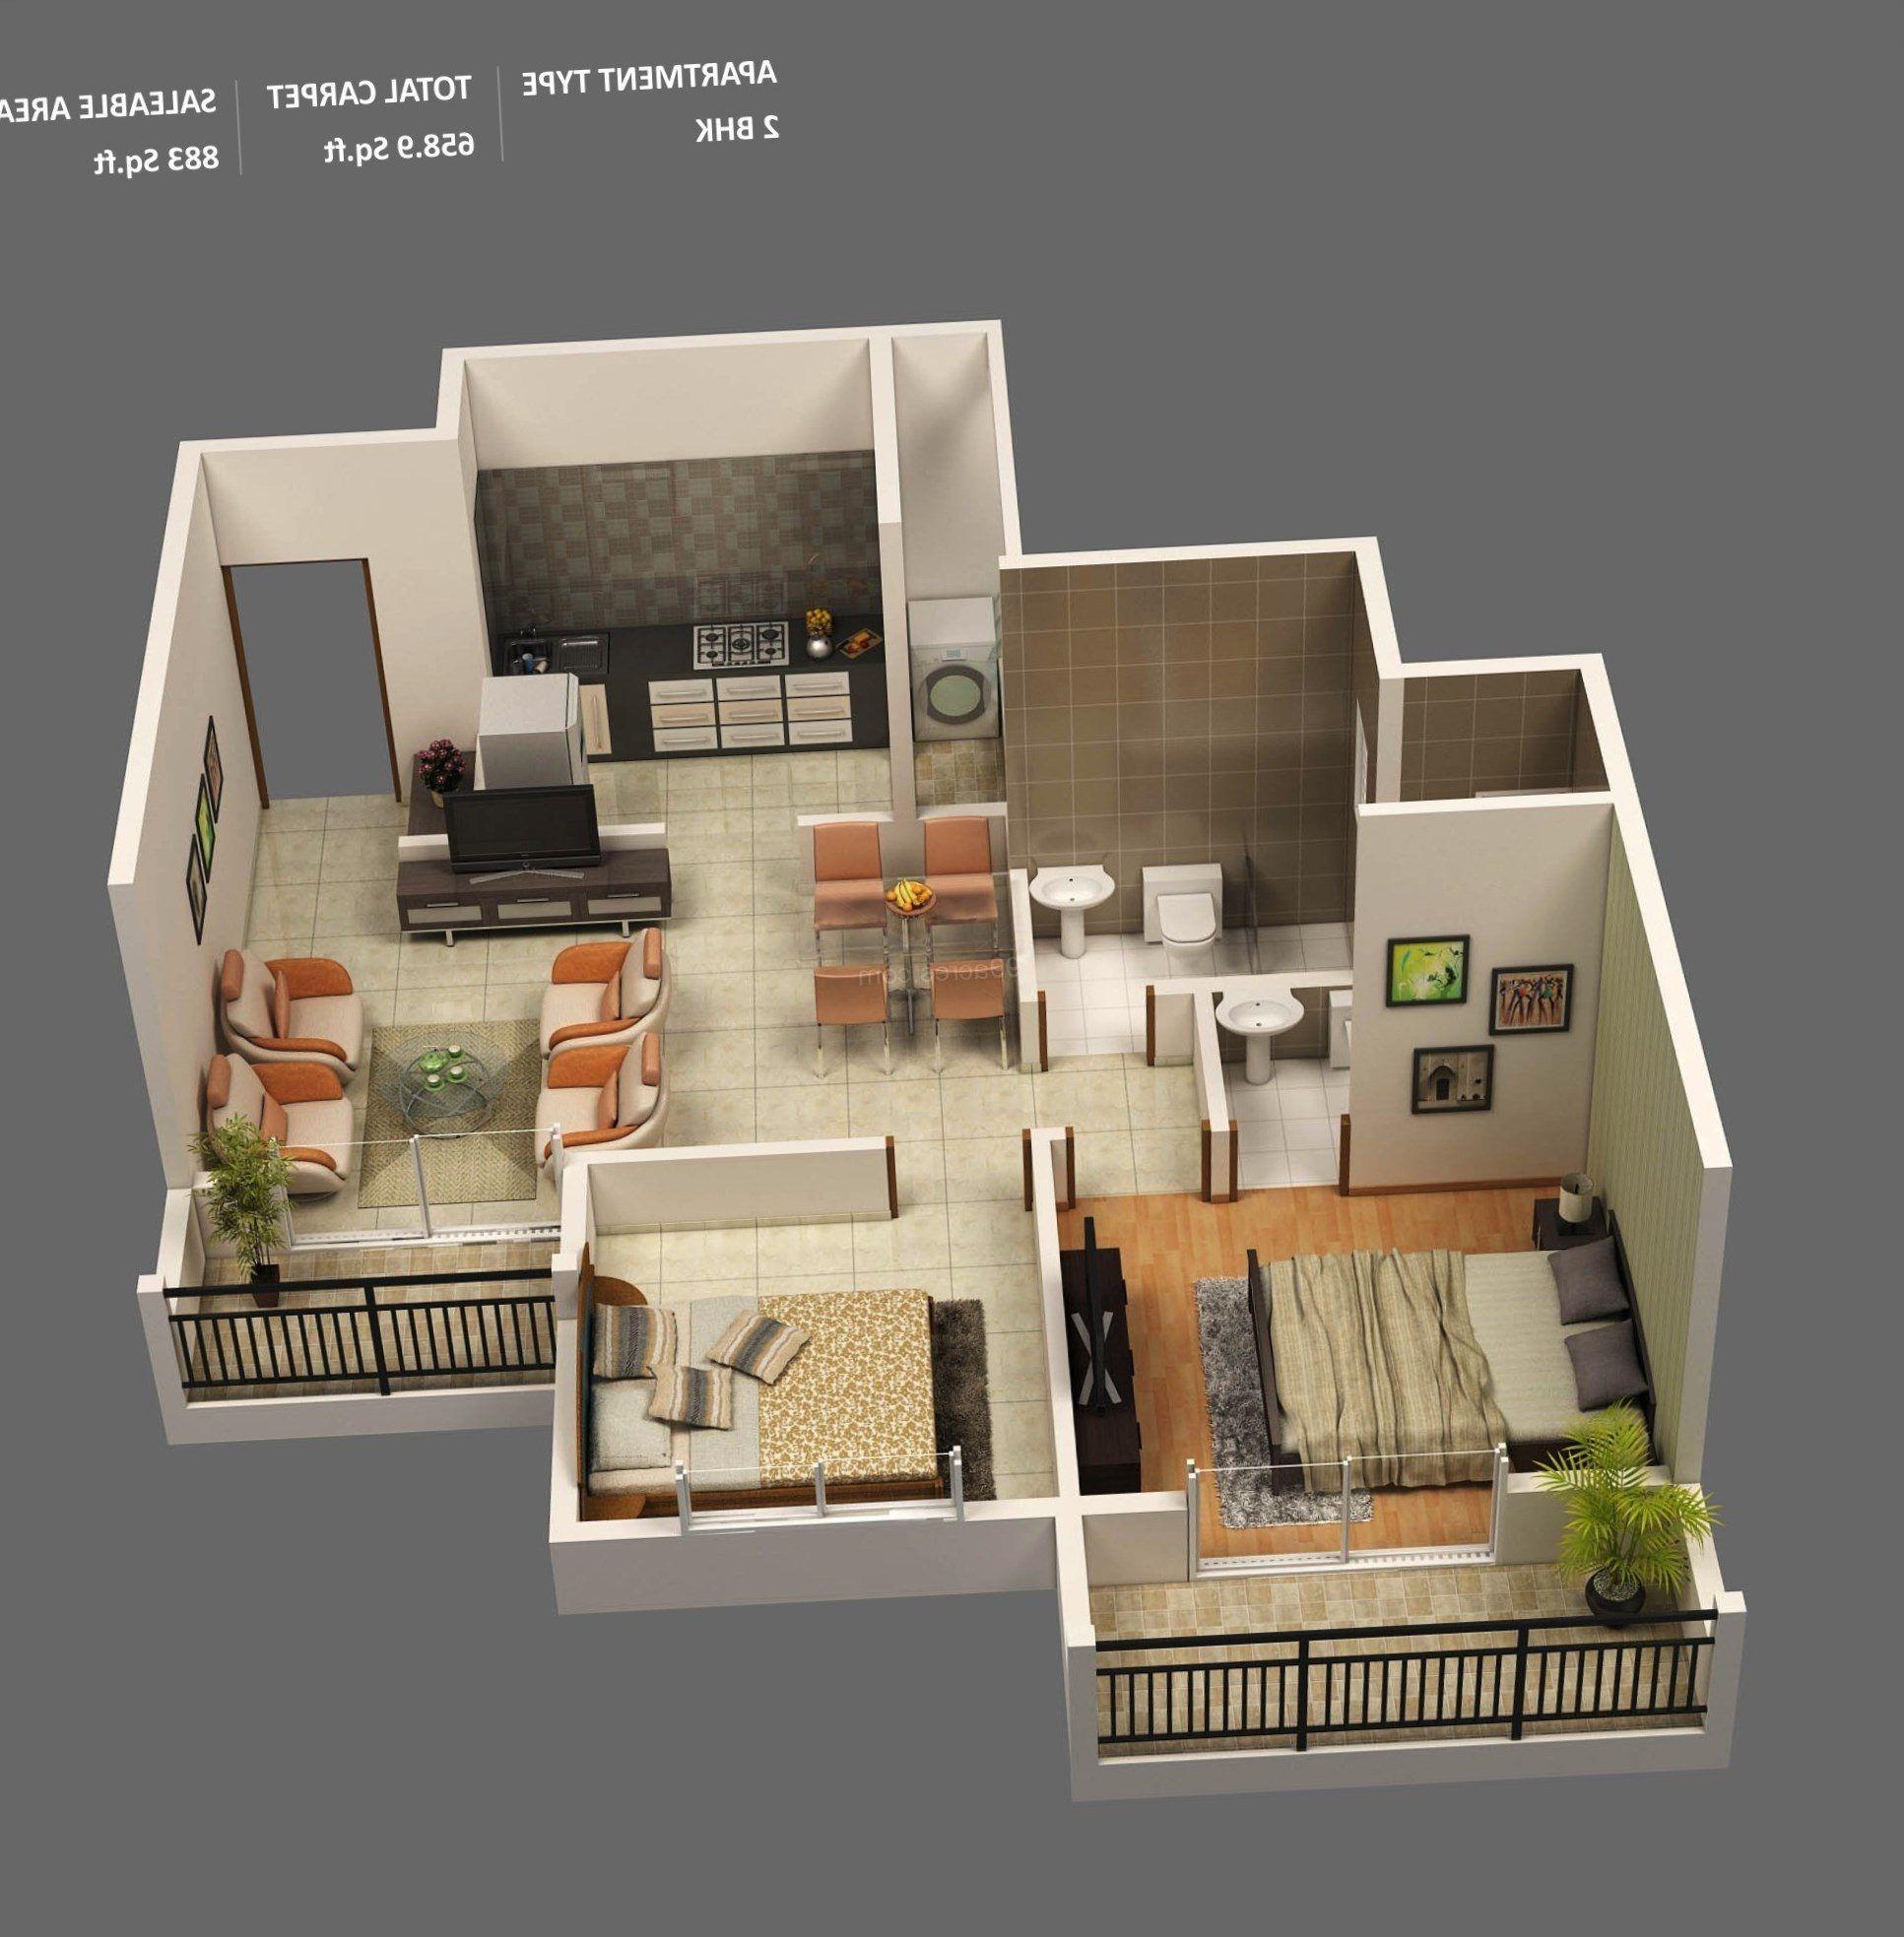 Two Bedroom Flat Design Plans   Https://bedroom Design 2017.info/small/two  Bedroom Flat Design Plans.html. #bedroomdesign2017 #bedroom